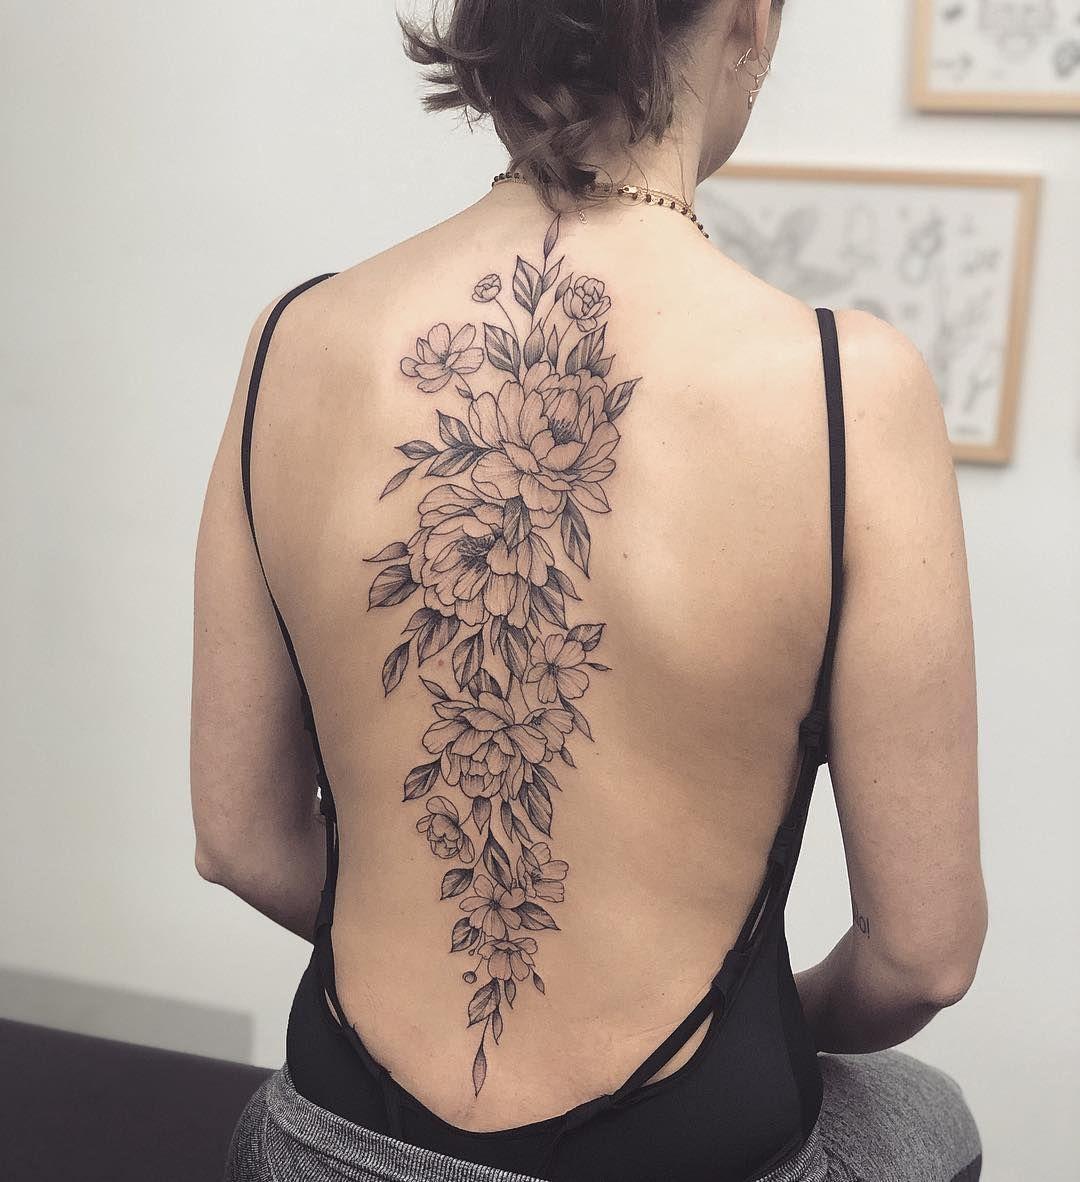 татуировка в виде пиона фото 1